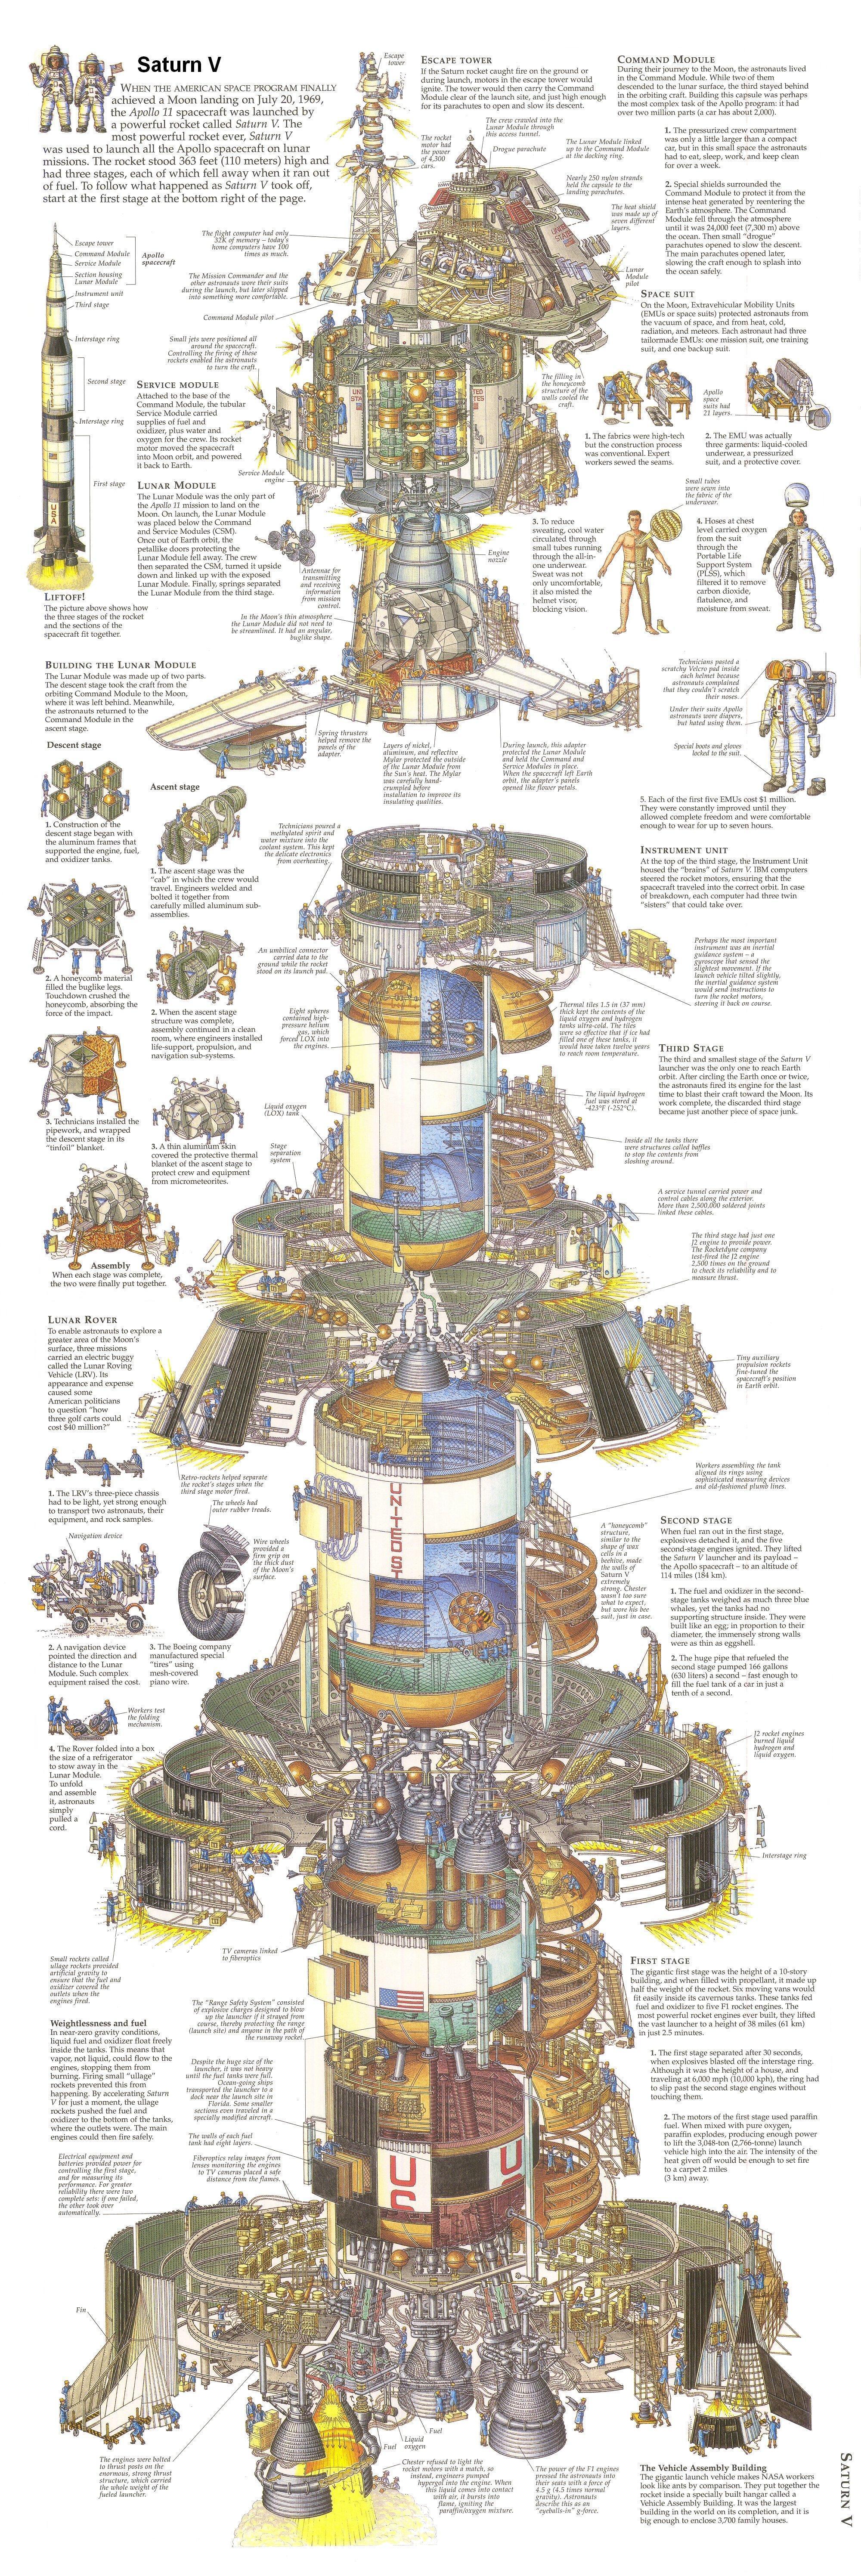 Saturn V Rocket Explained (infographic)